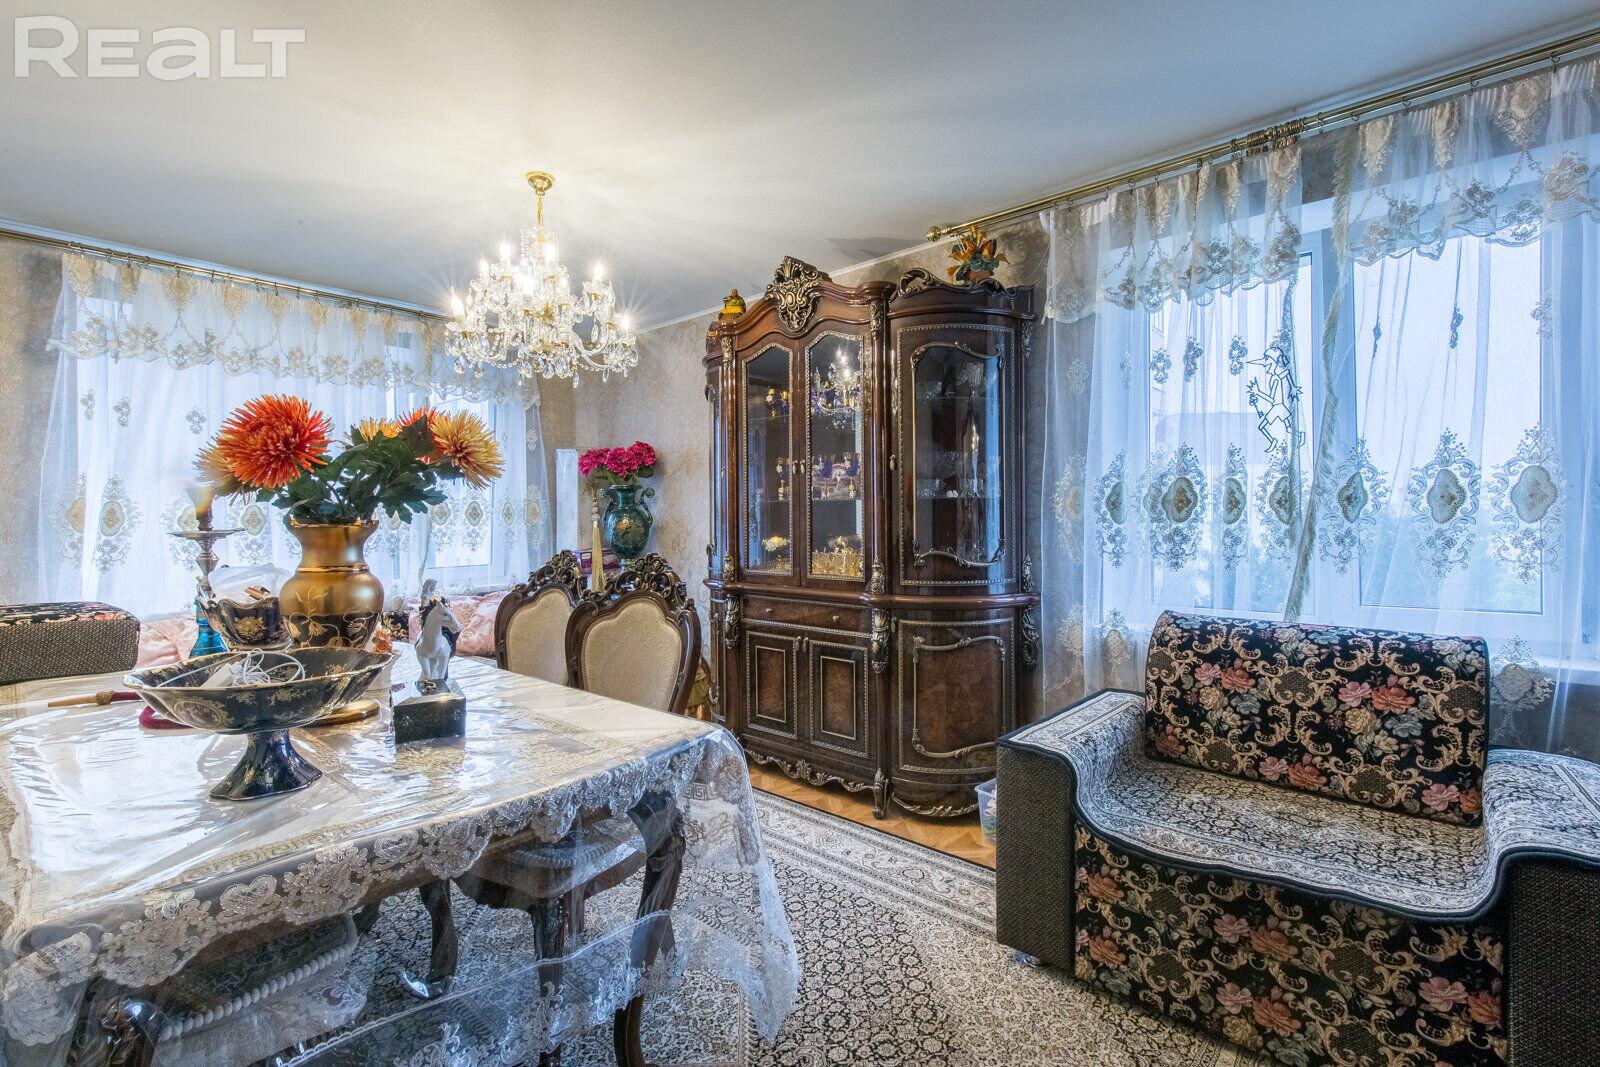 Продажа 2-х комнатной квартиры в г. Минске, ул. Горовца, дом 26 (р-н Серебрянка). Цена 180 216 руб